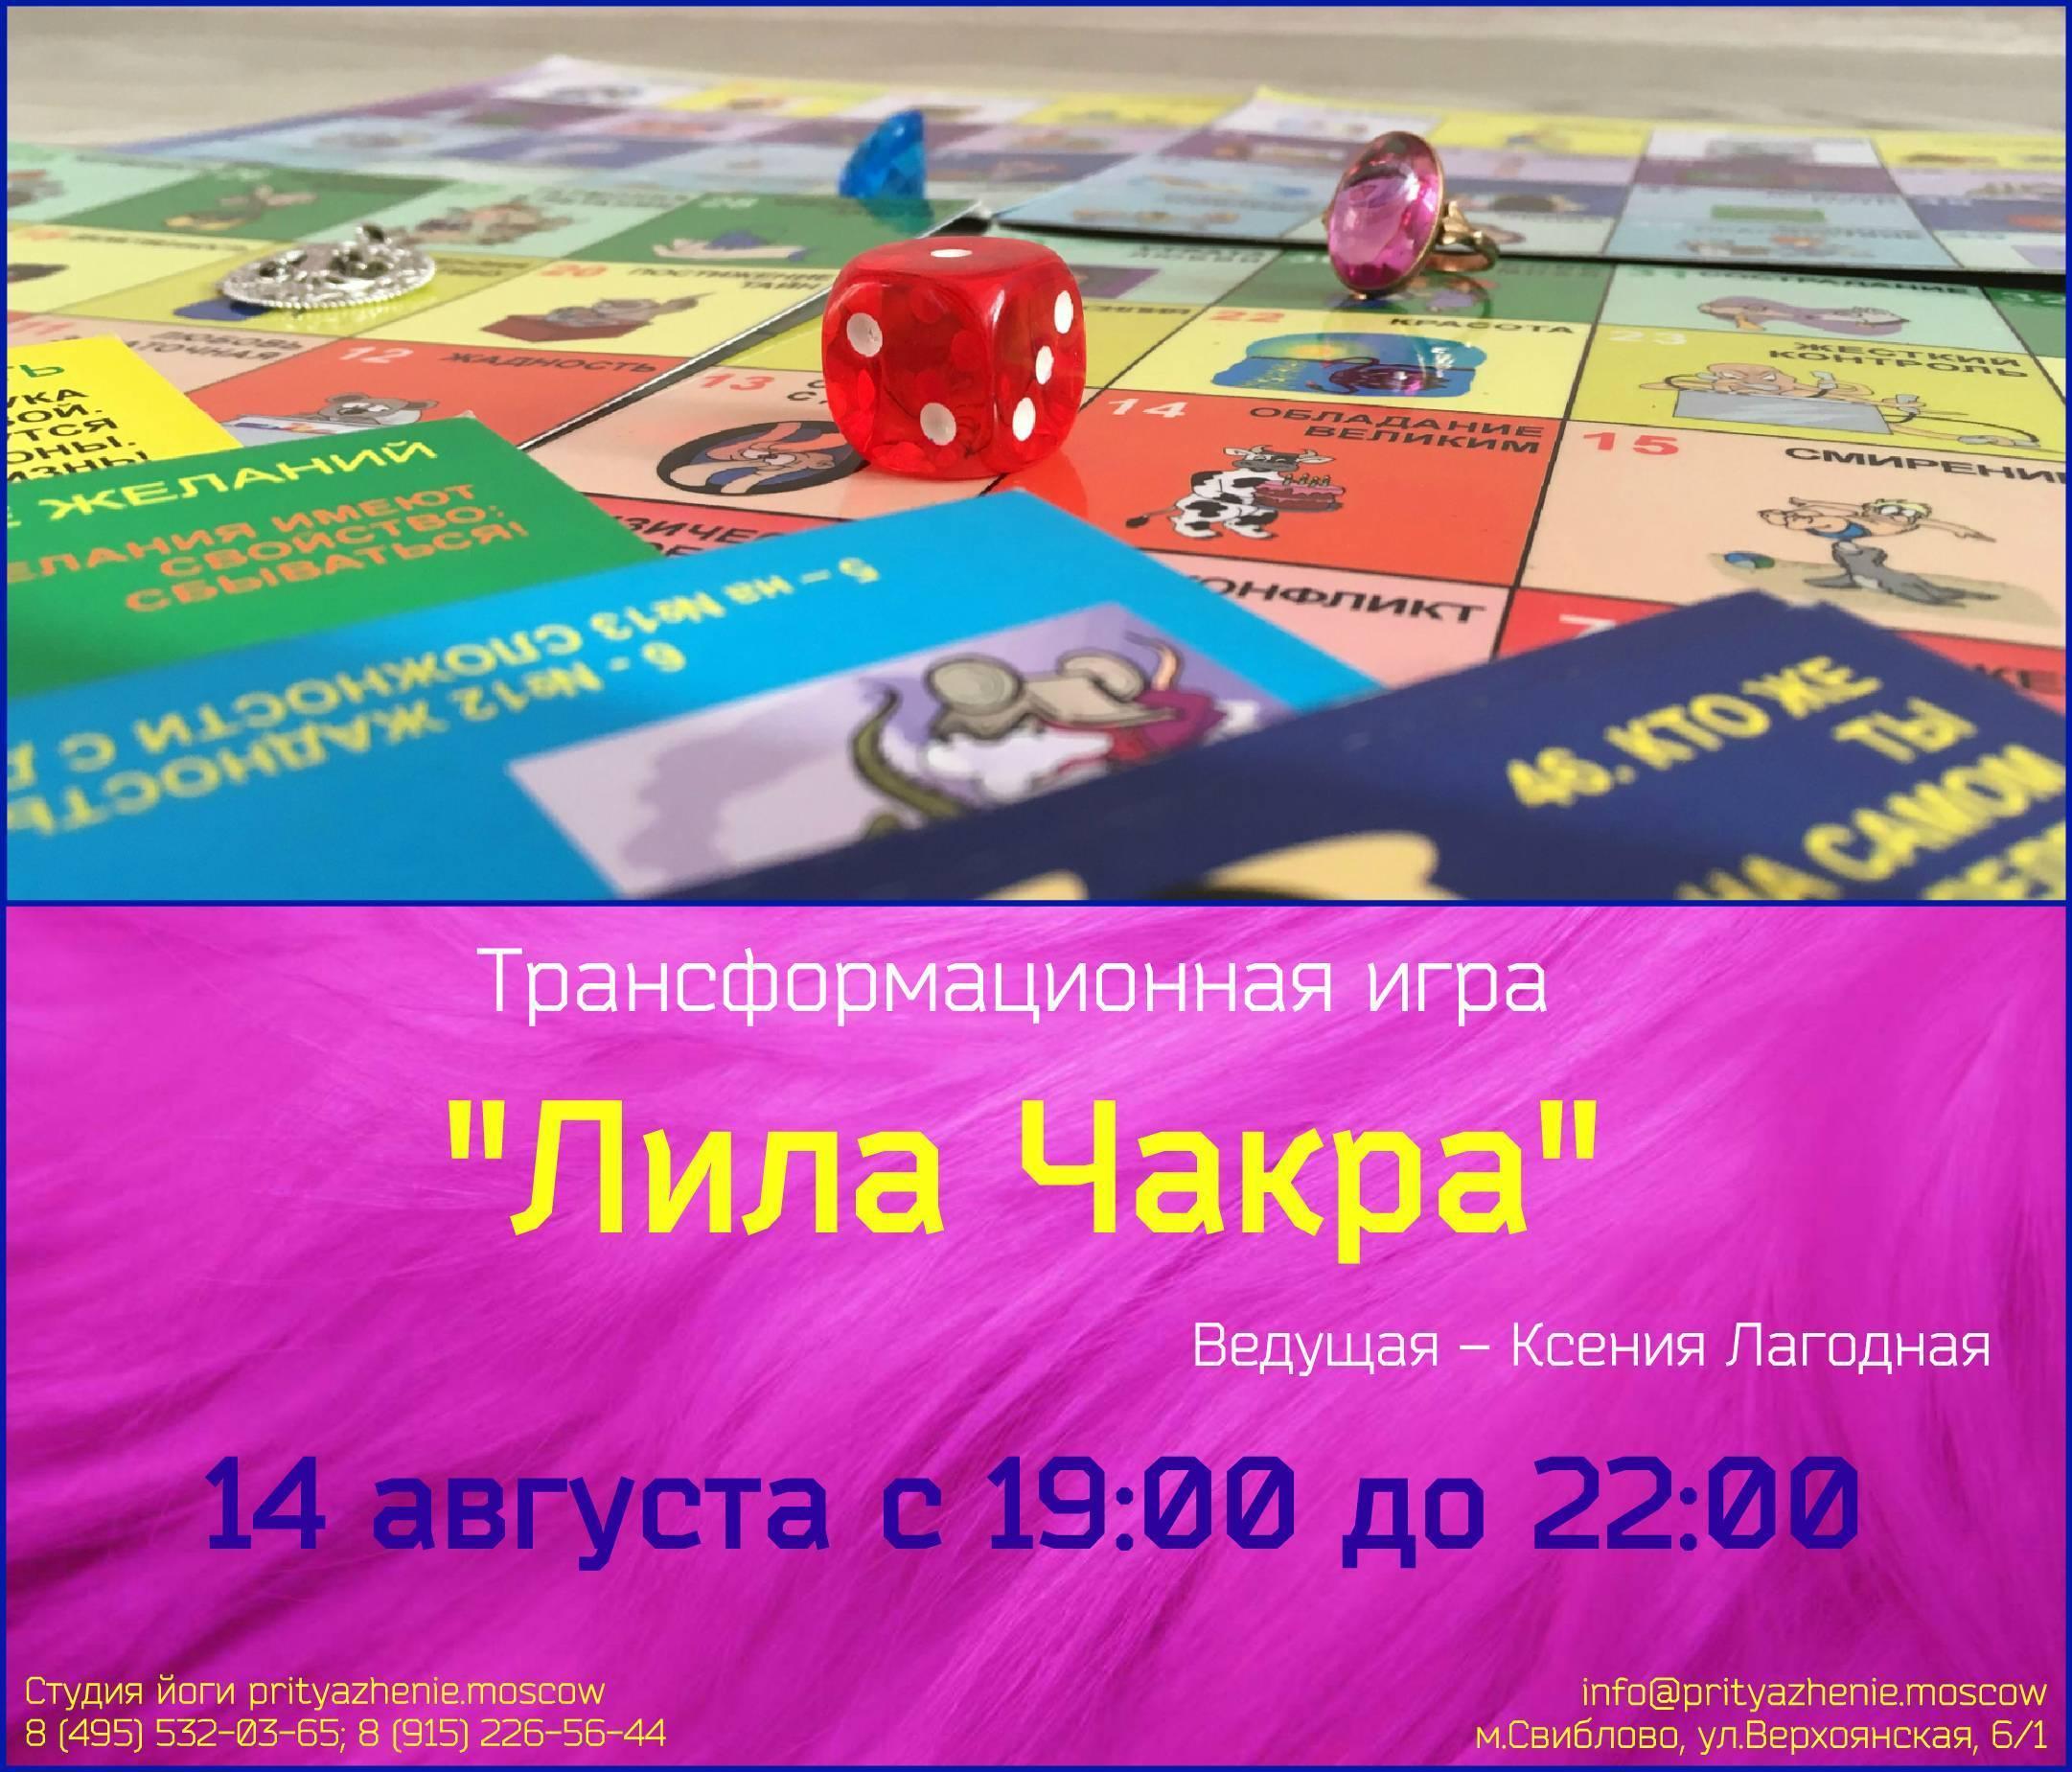 Трансформационные игры самопознания - игра лила чакра, игра код крайона и другие трансформационные игры